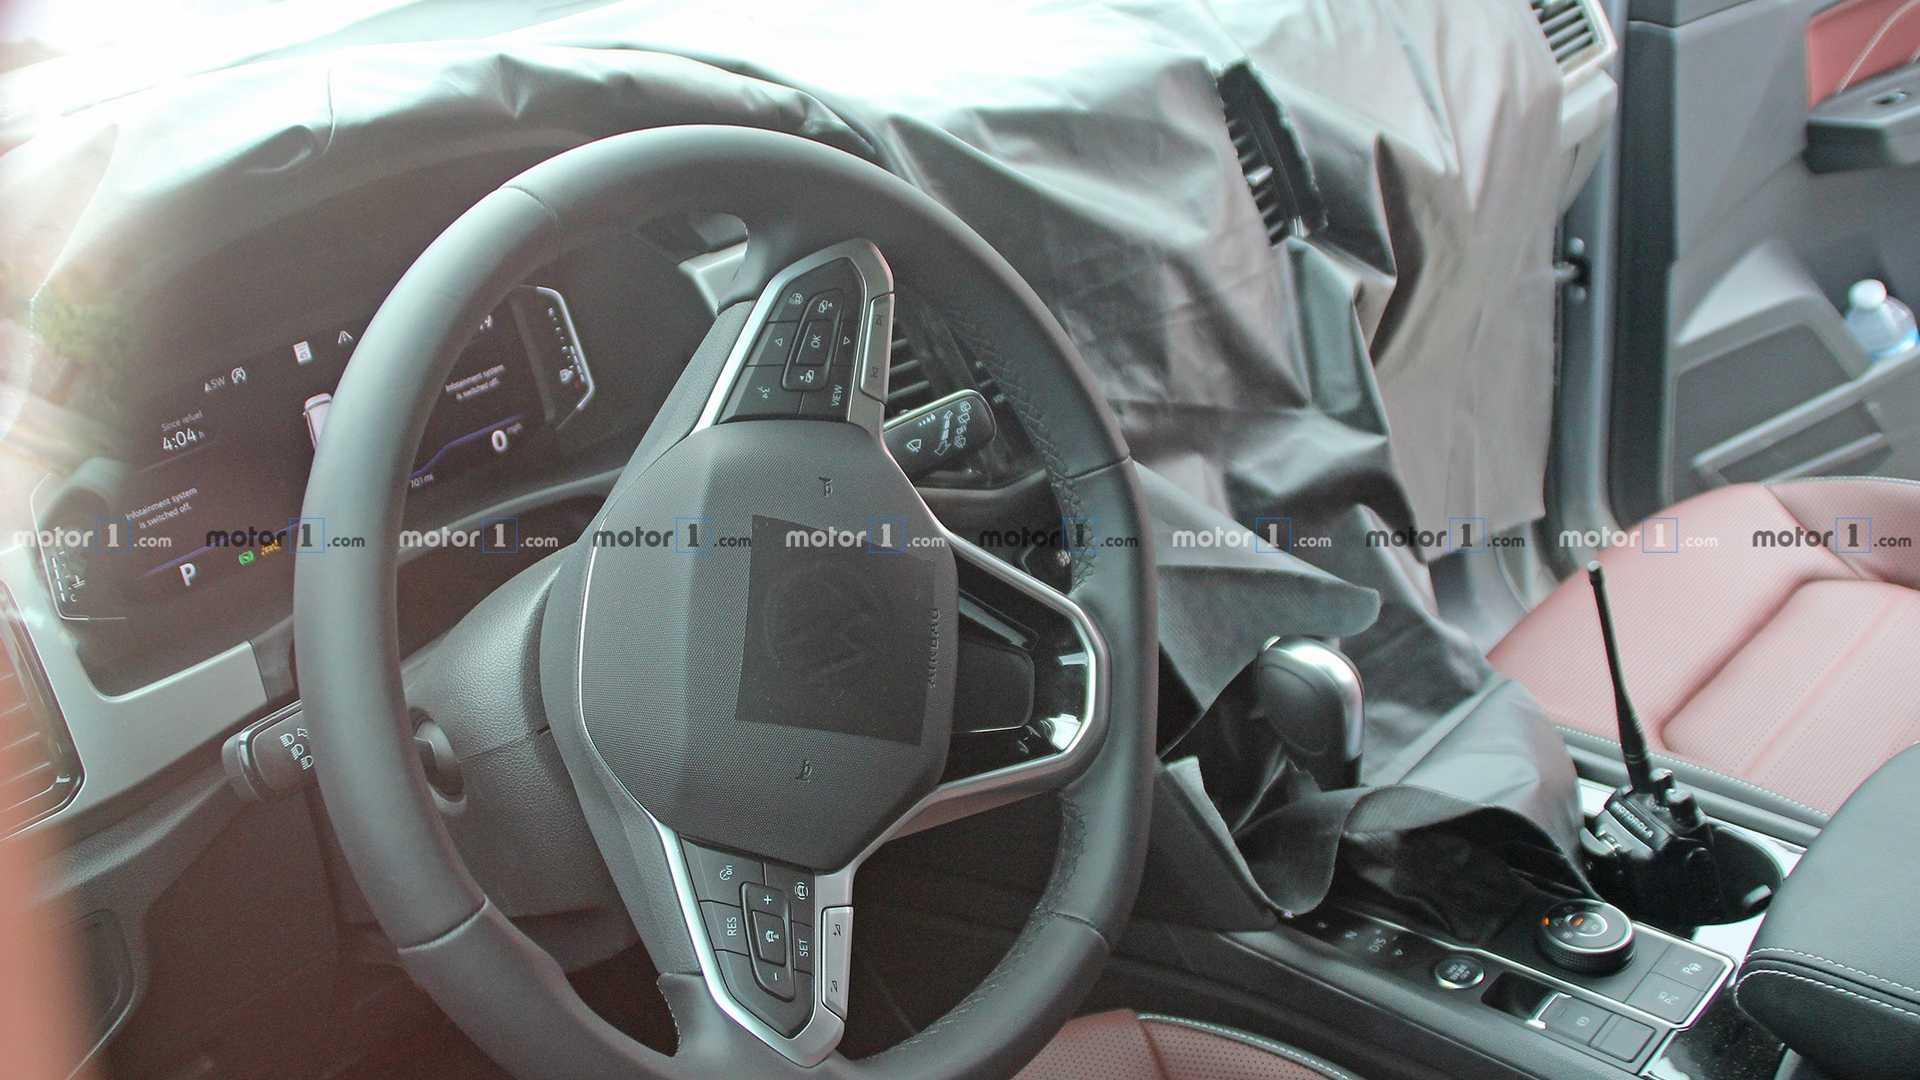 Прототип купе-кроссовера Volkswagen Atlas Cross Sport (на видео) был показан ещё прошлой весной, а в нынешнем году в Китае начались его продажи под названием Teramont Х.